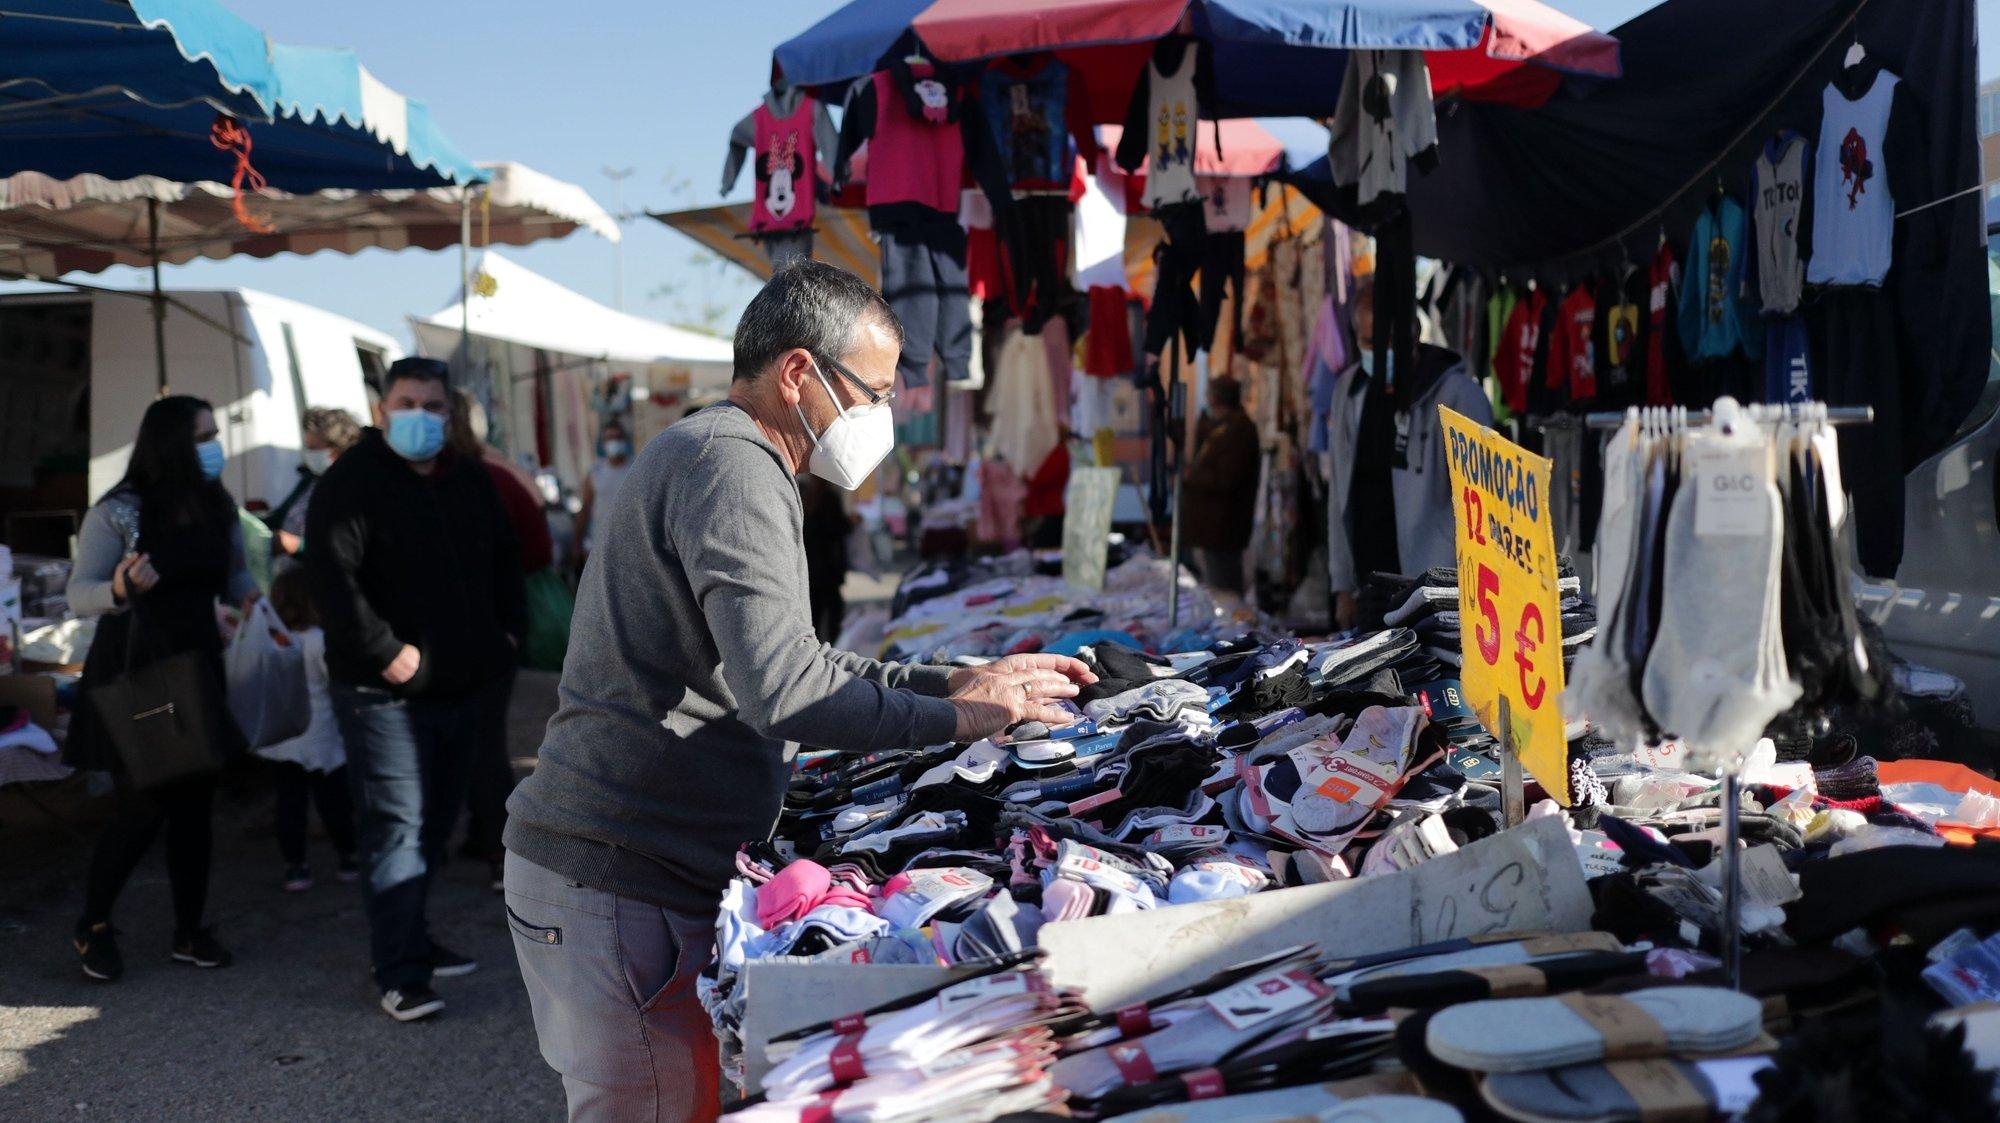 A feira semanal de Espinho reabriu hoje com a venda de todo o tipo de bens após o período de restrição imposto no âmbito das medidas de contenção da pandemia de covid-19, Espinho, 05 de abril de 2021. ESTELA SILVA/LUSA